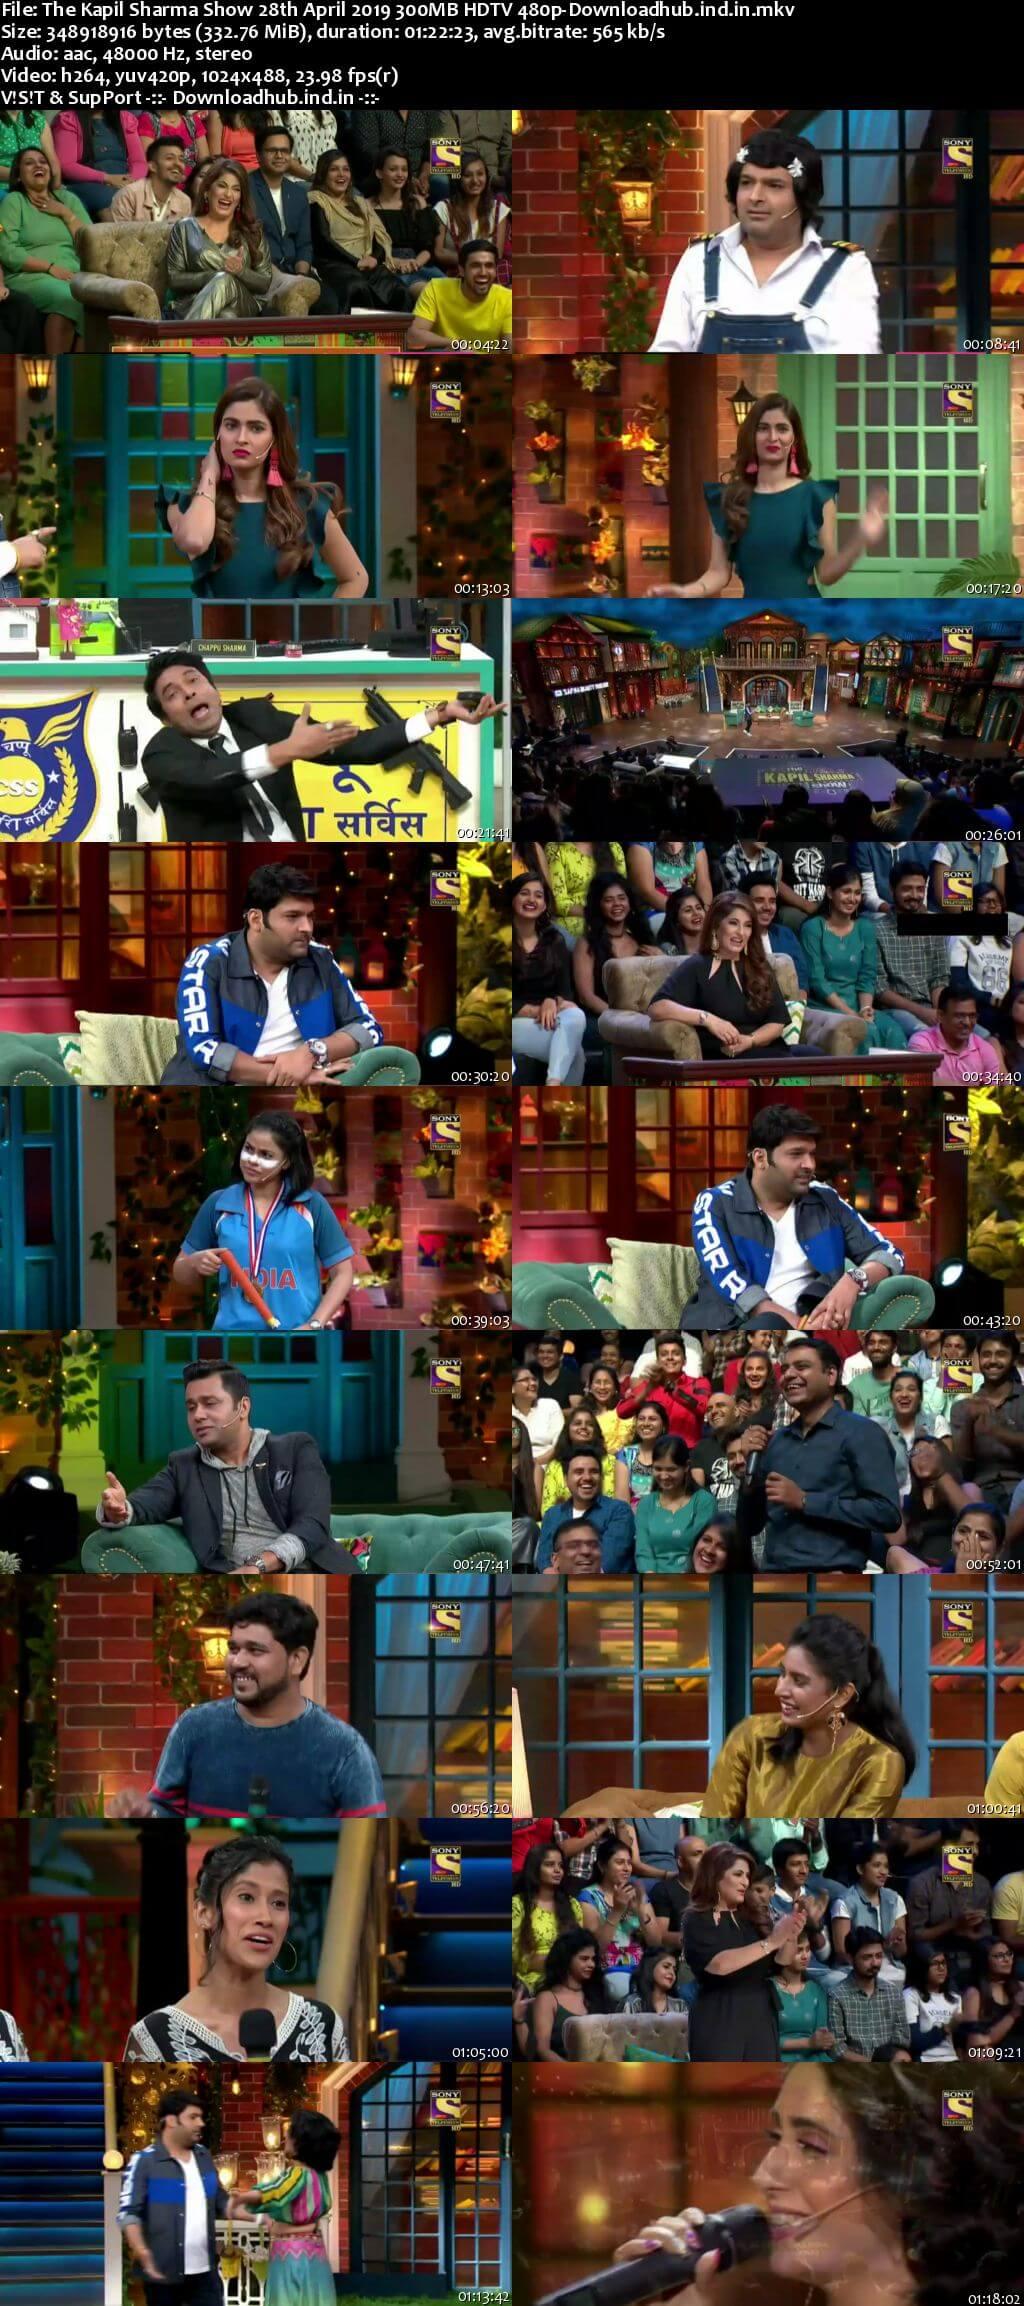 The Kapil Sharma Show 28 April 2019 Episode 36 HDTV 480p